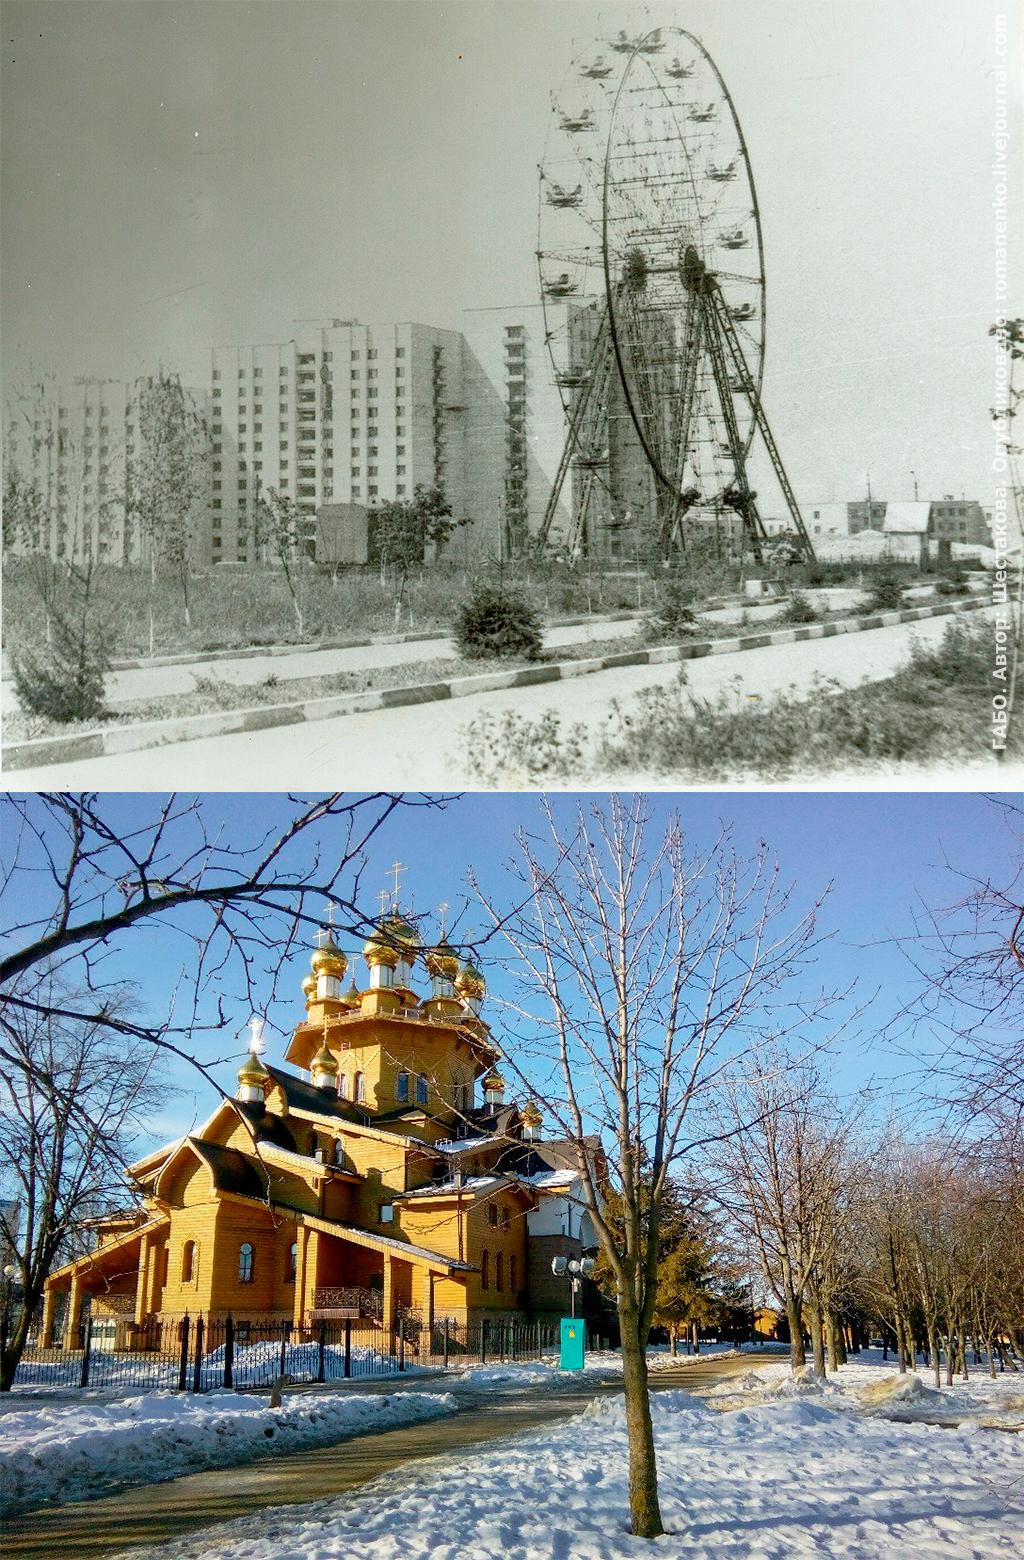 колесо обозрения, чёртово колесо, белгород, белгородская область, харьковская гора, южный сквер, южный парк, храм, церковь